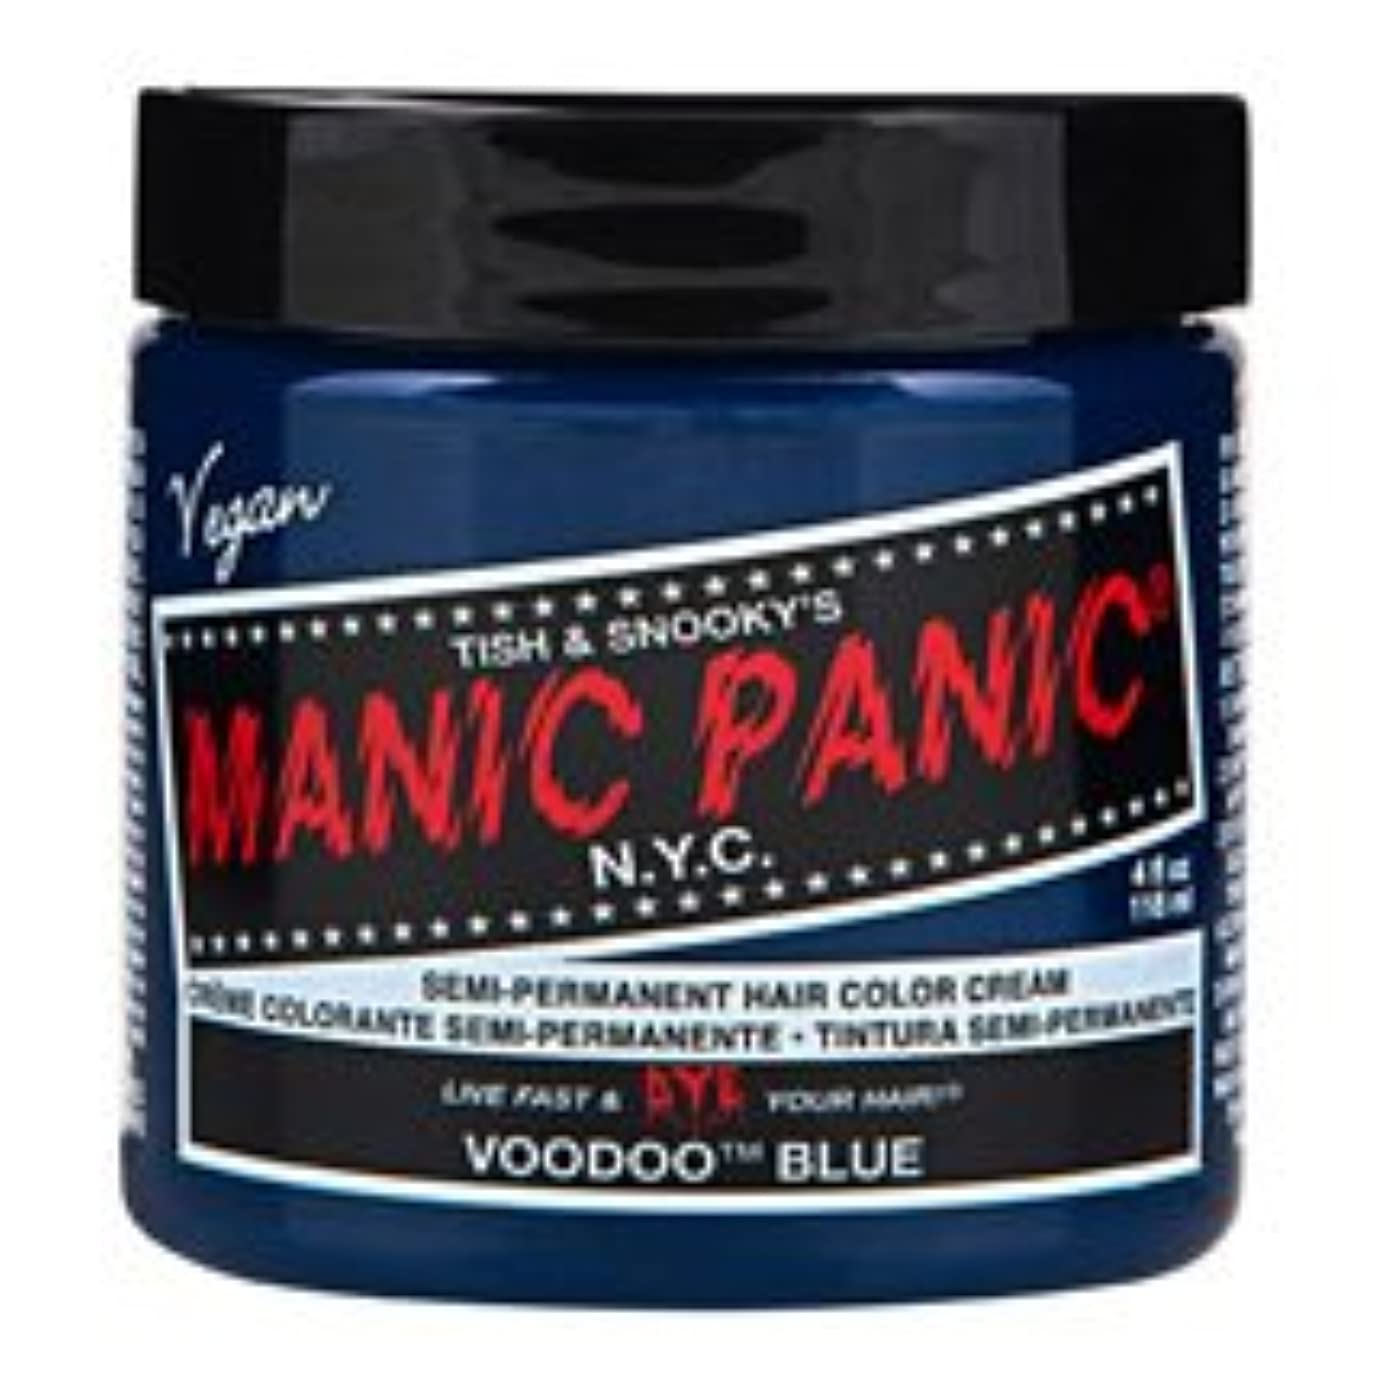 過言娯楽嬉しいですスペシャルセットMANIC PANICマニックパニック:Voodoo Blue (ブゥードゥーブルー)+ヘアカラーケア4点セット